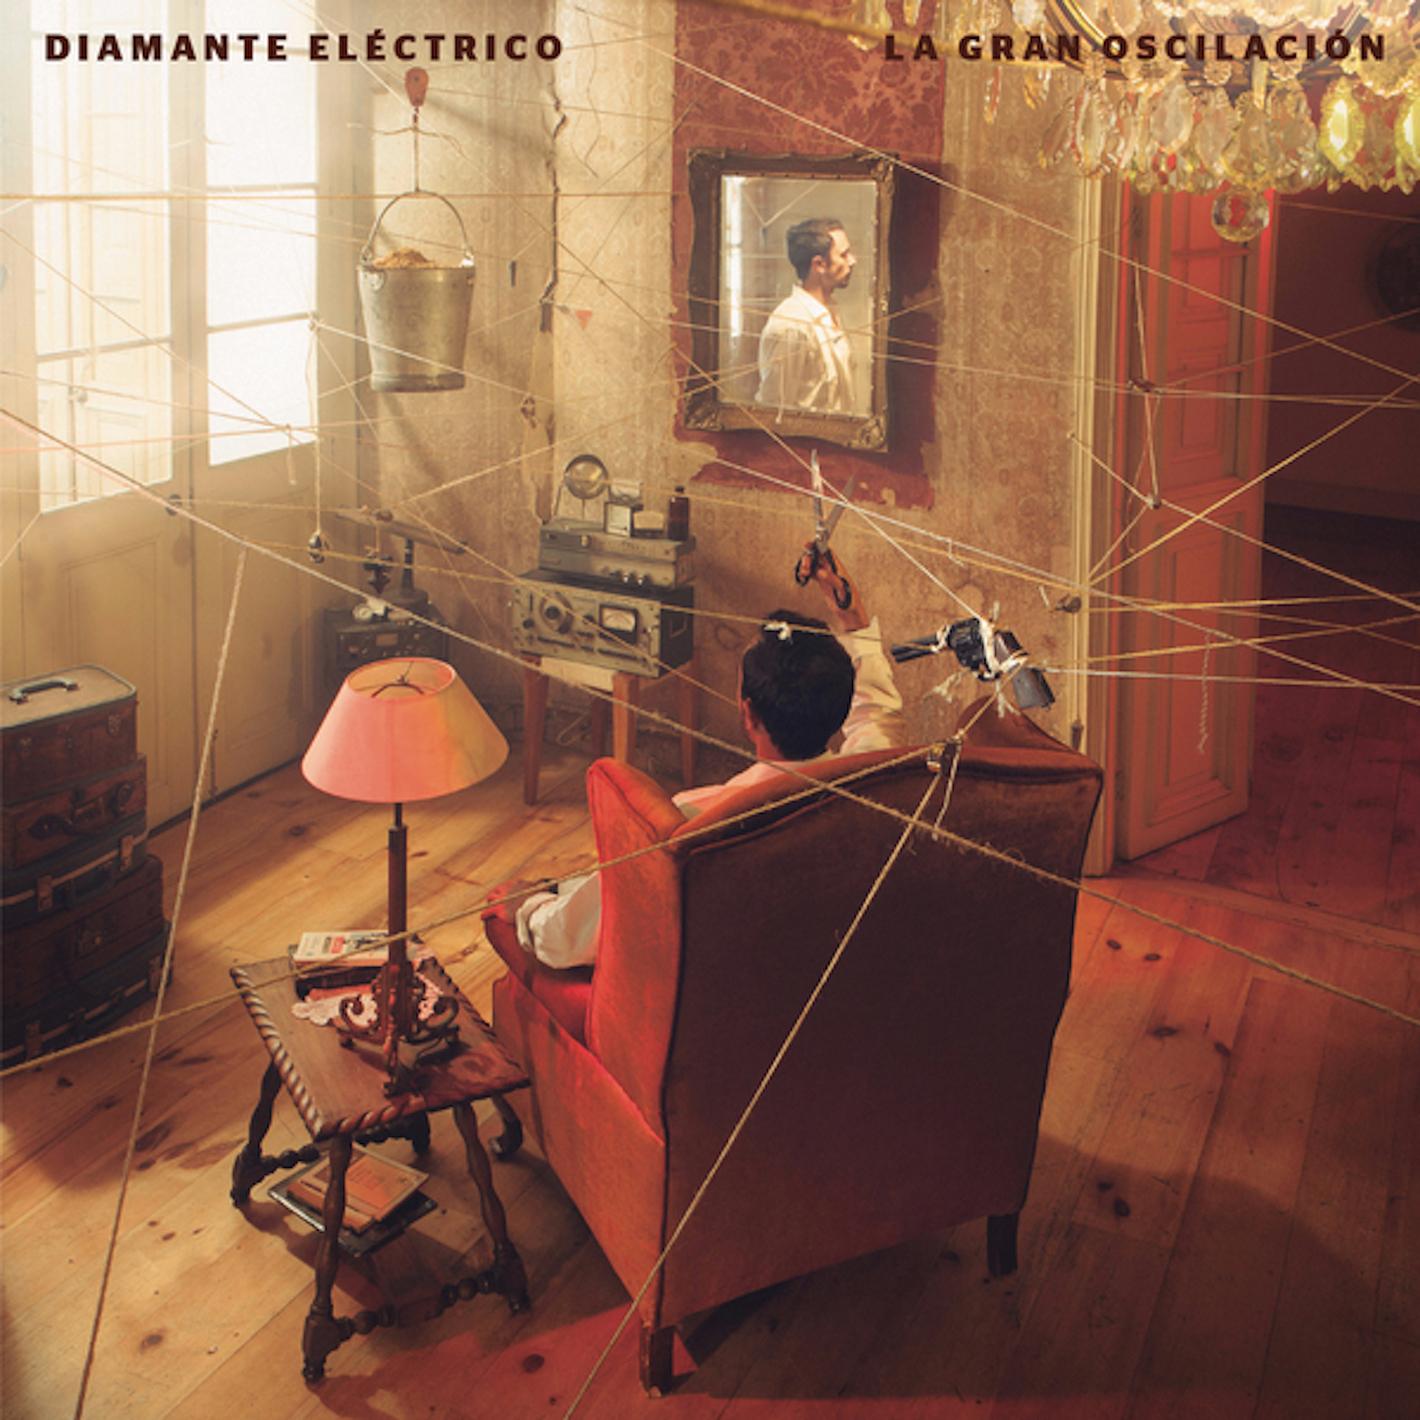 Diamante Eléctrico - La Gran Oscilación